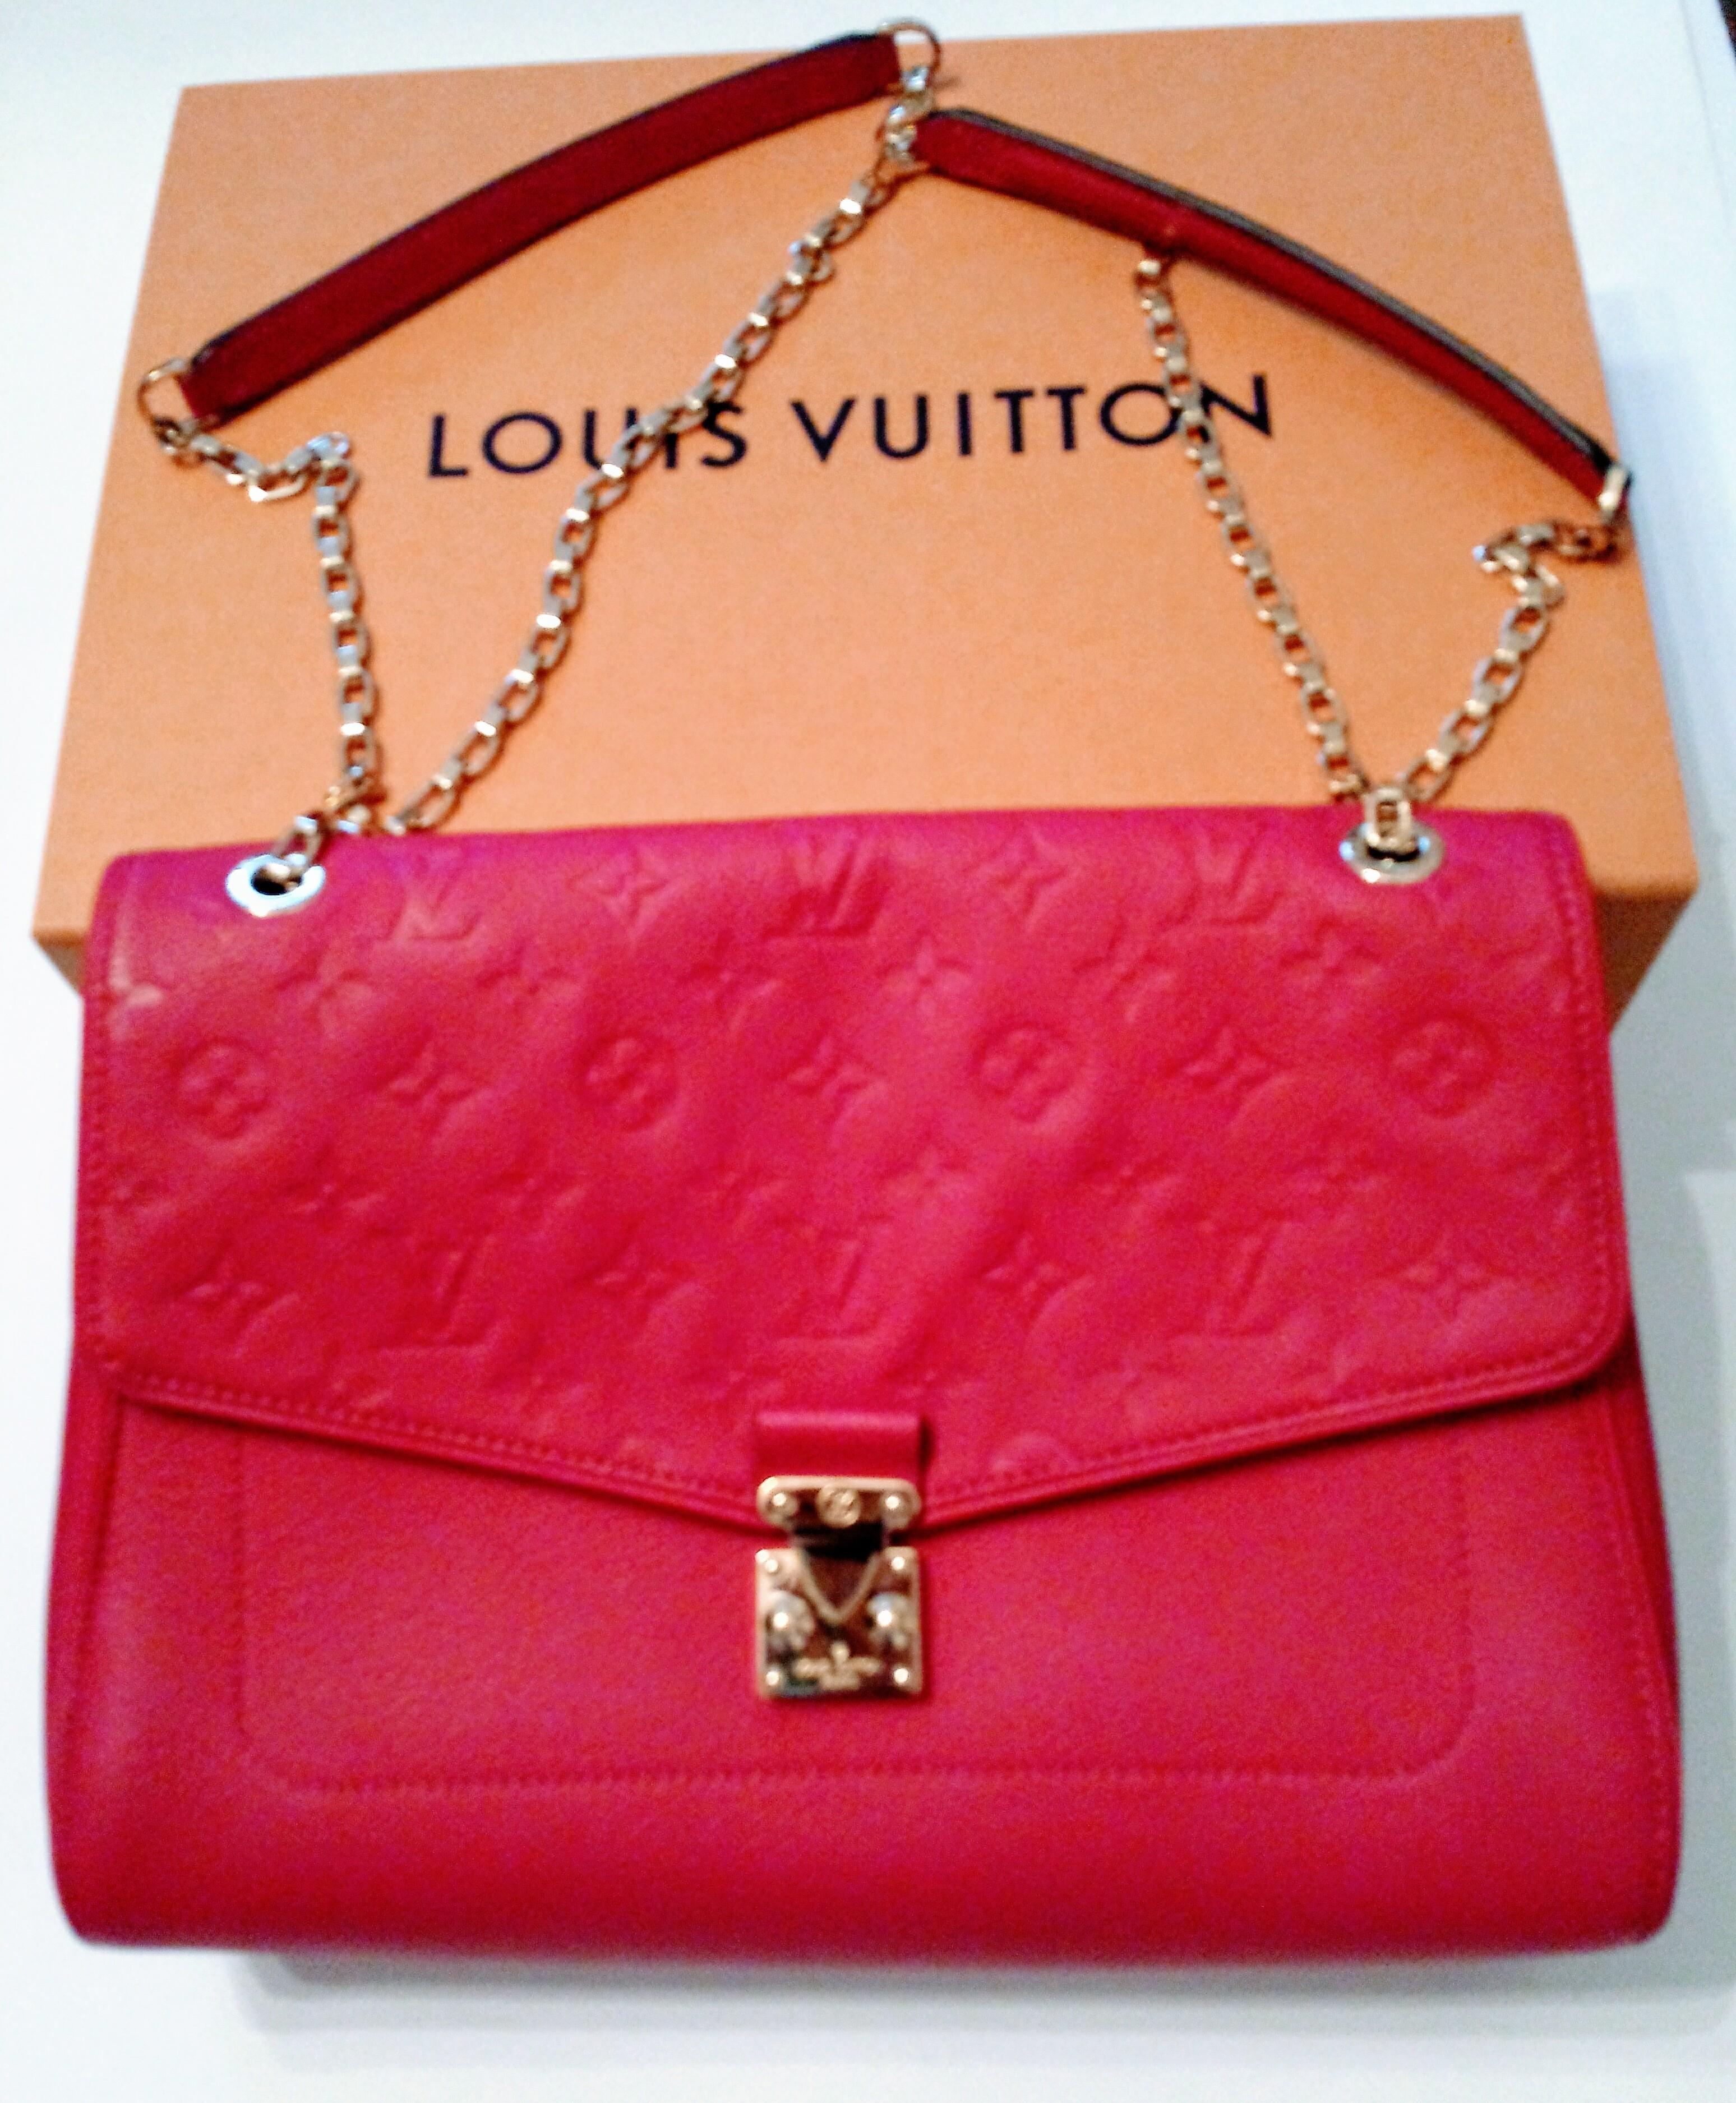 3035b3d1779e Купить среднюю сумку Louis Vuitton за 105580 руб. в интернет ...